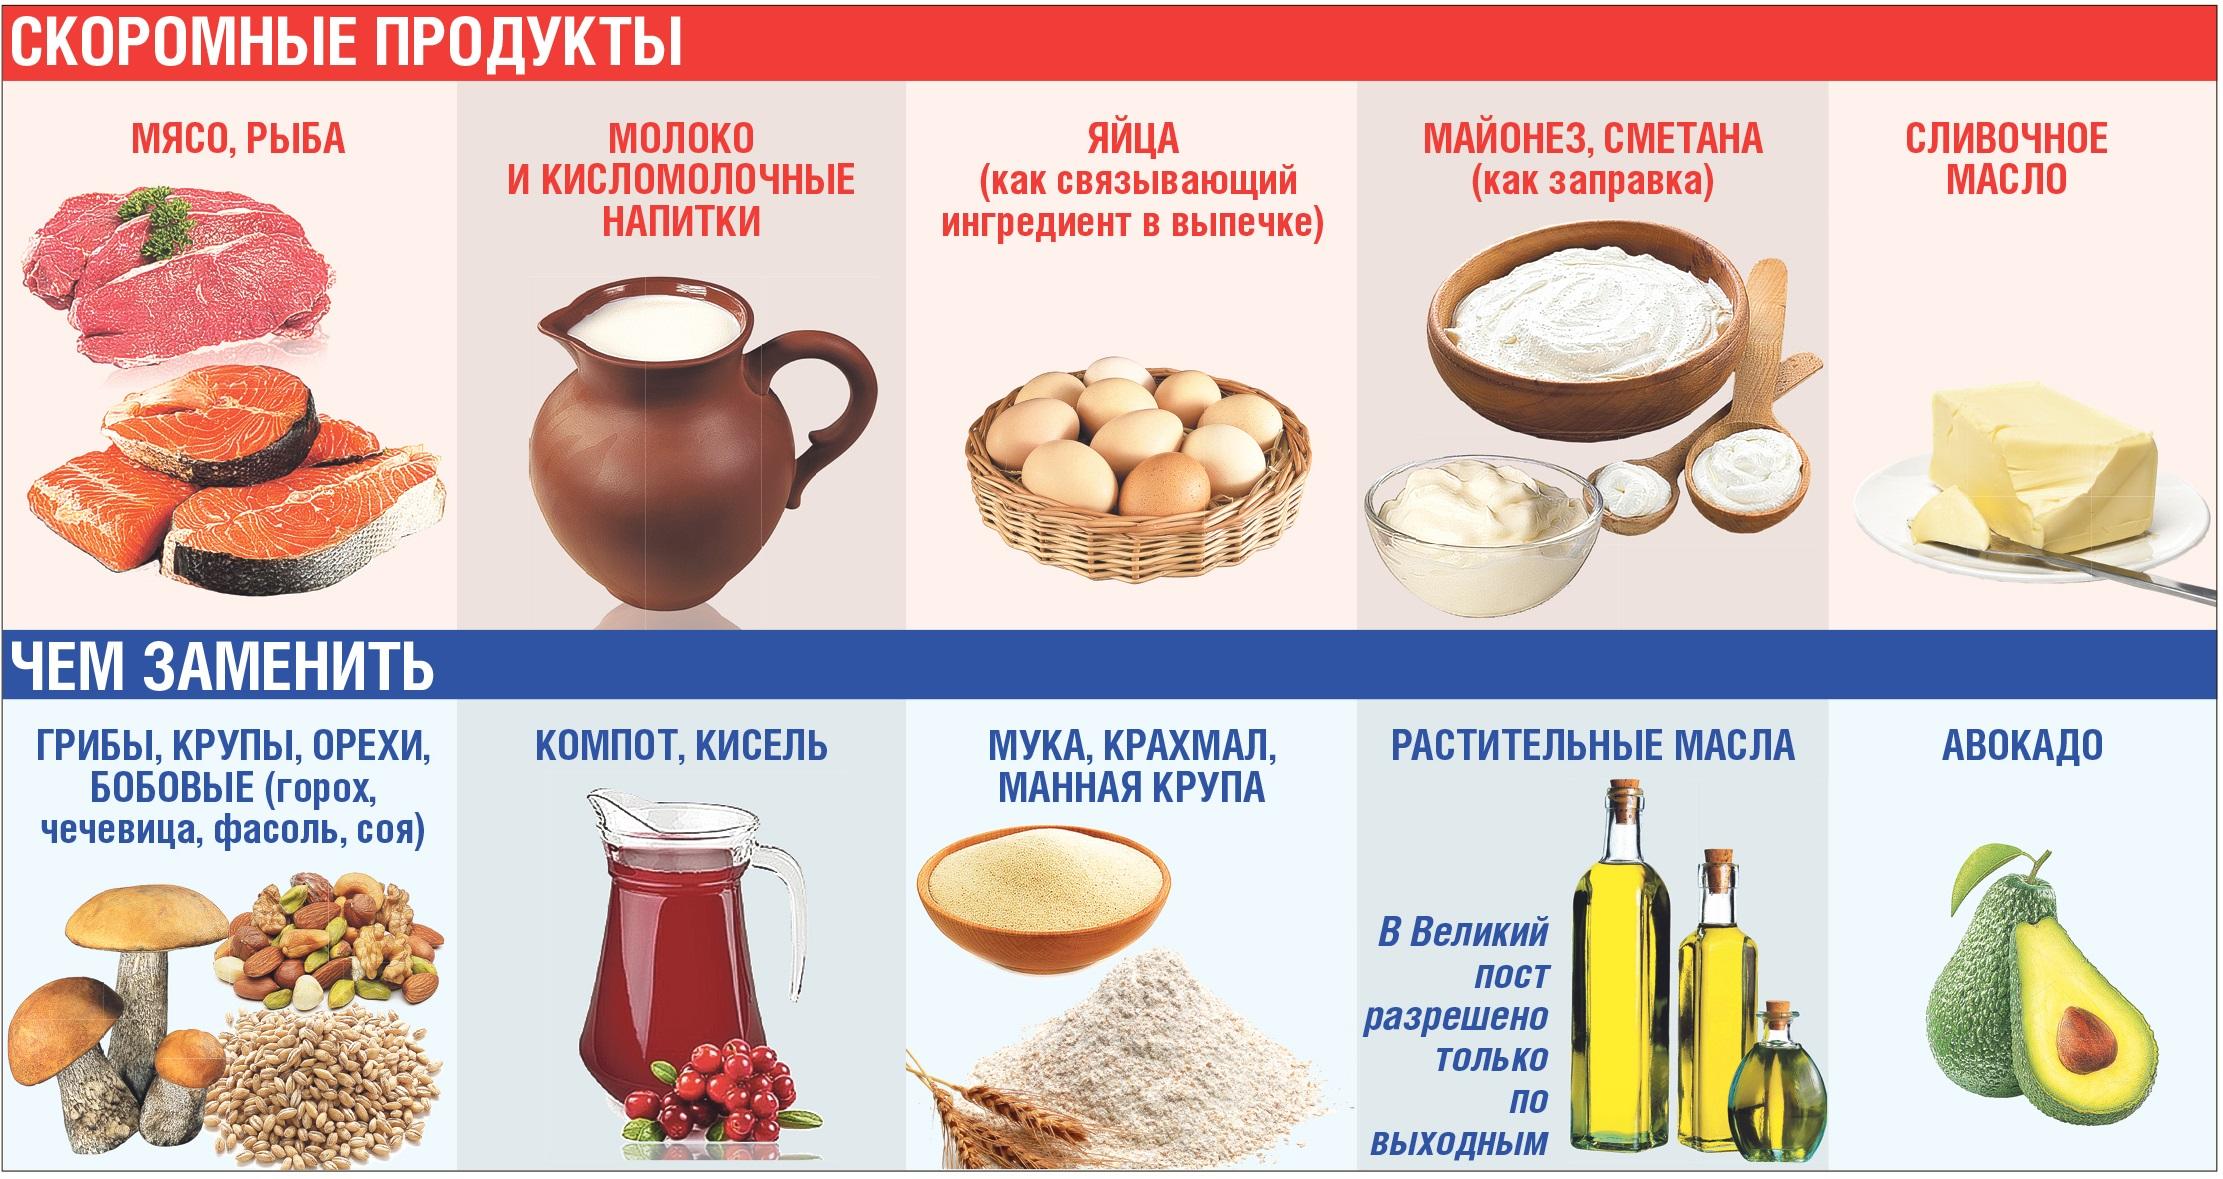 В России зафиксирован заметный рост продаж растительных продуктов с началом Великого Поста